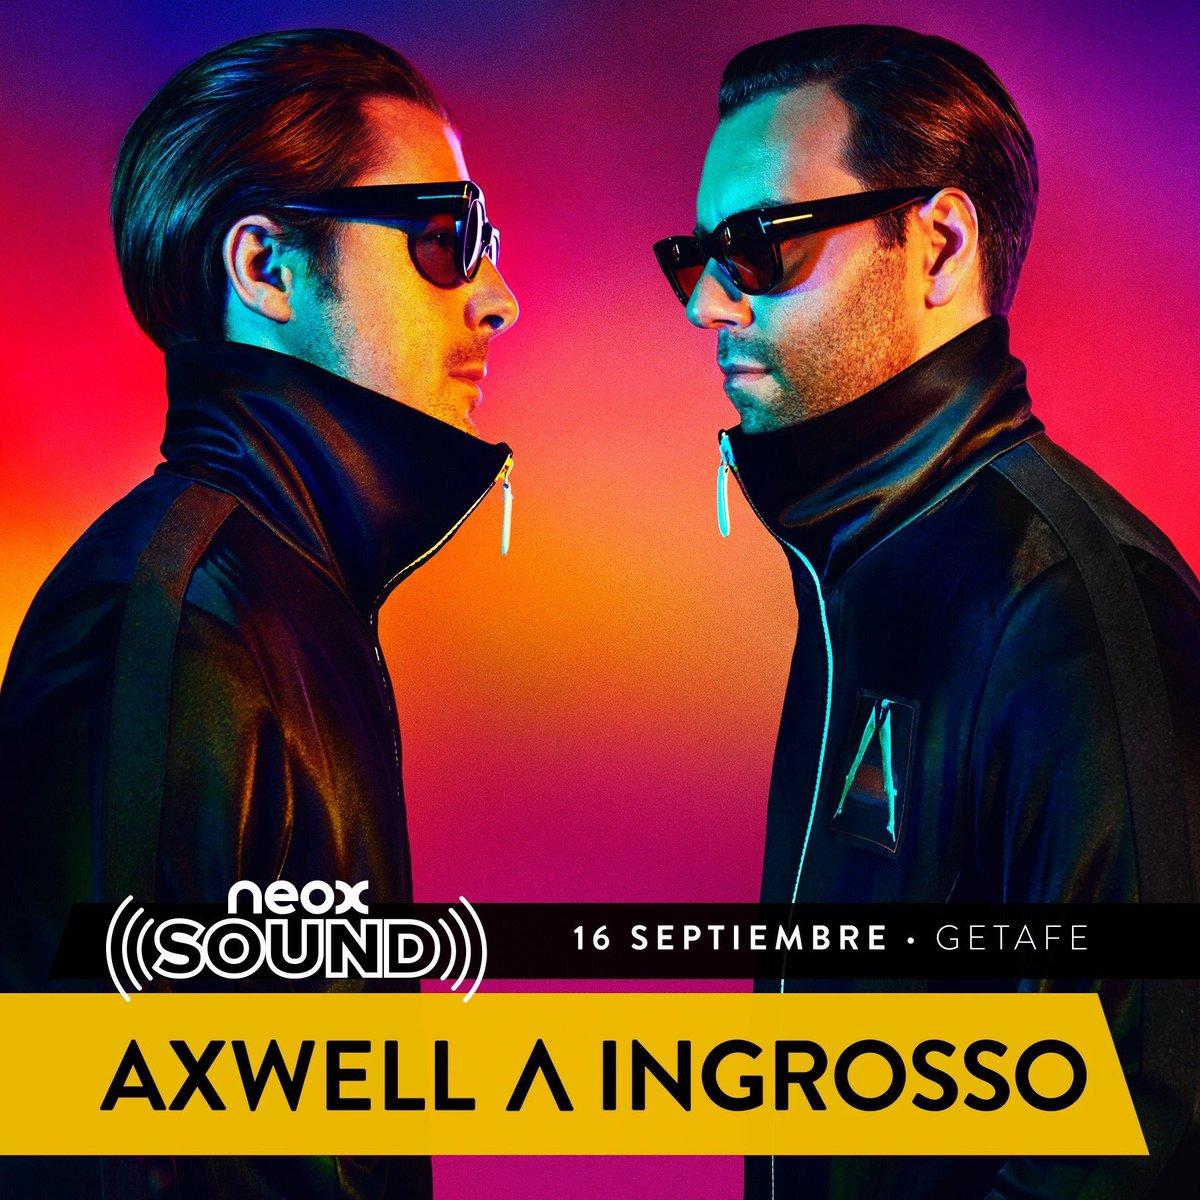 @Axwell e @Ingrosso serán el principal atractivo de una nueva edición del festival madrileño @NeoxSound https://t.co/F7JtS3dKPQ